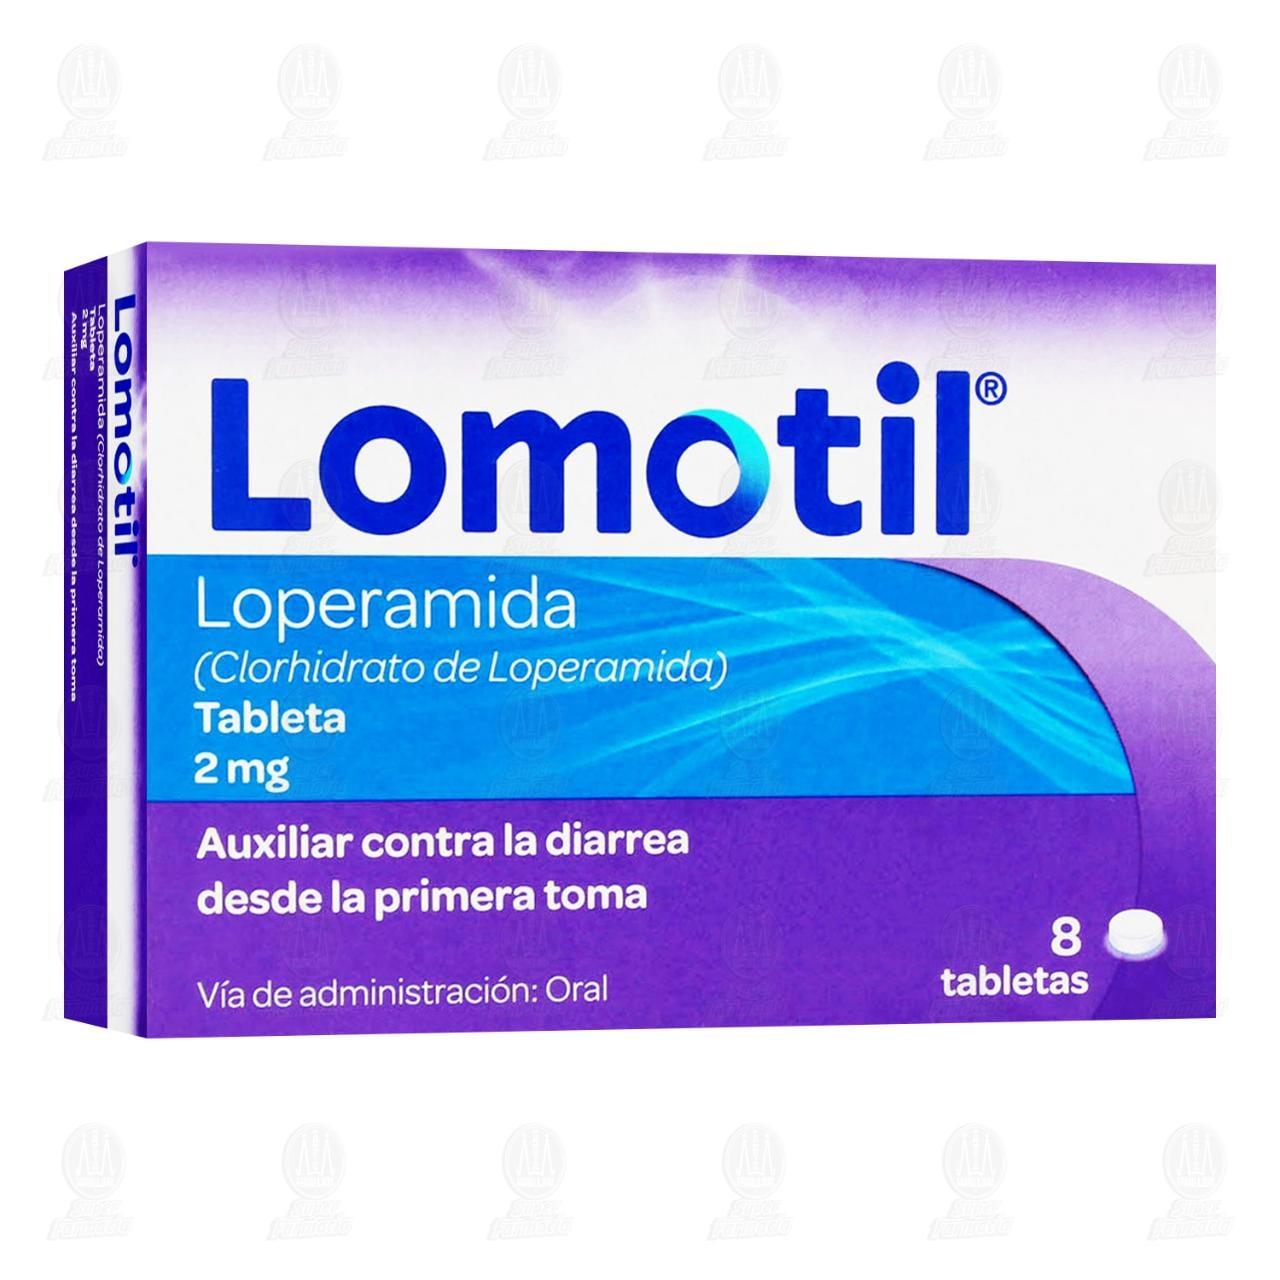 Comprar Lomotil 2mg con 8 Tabletas en Farmacias Guadalajara